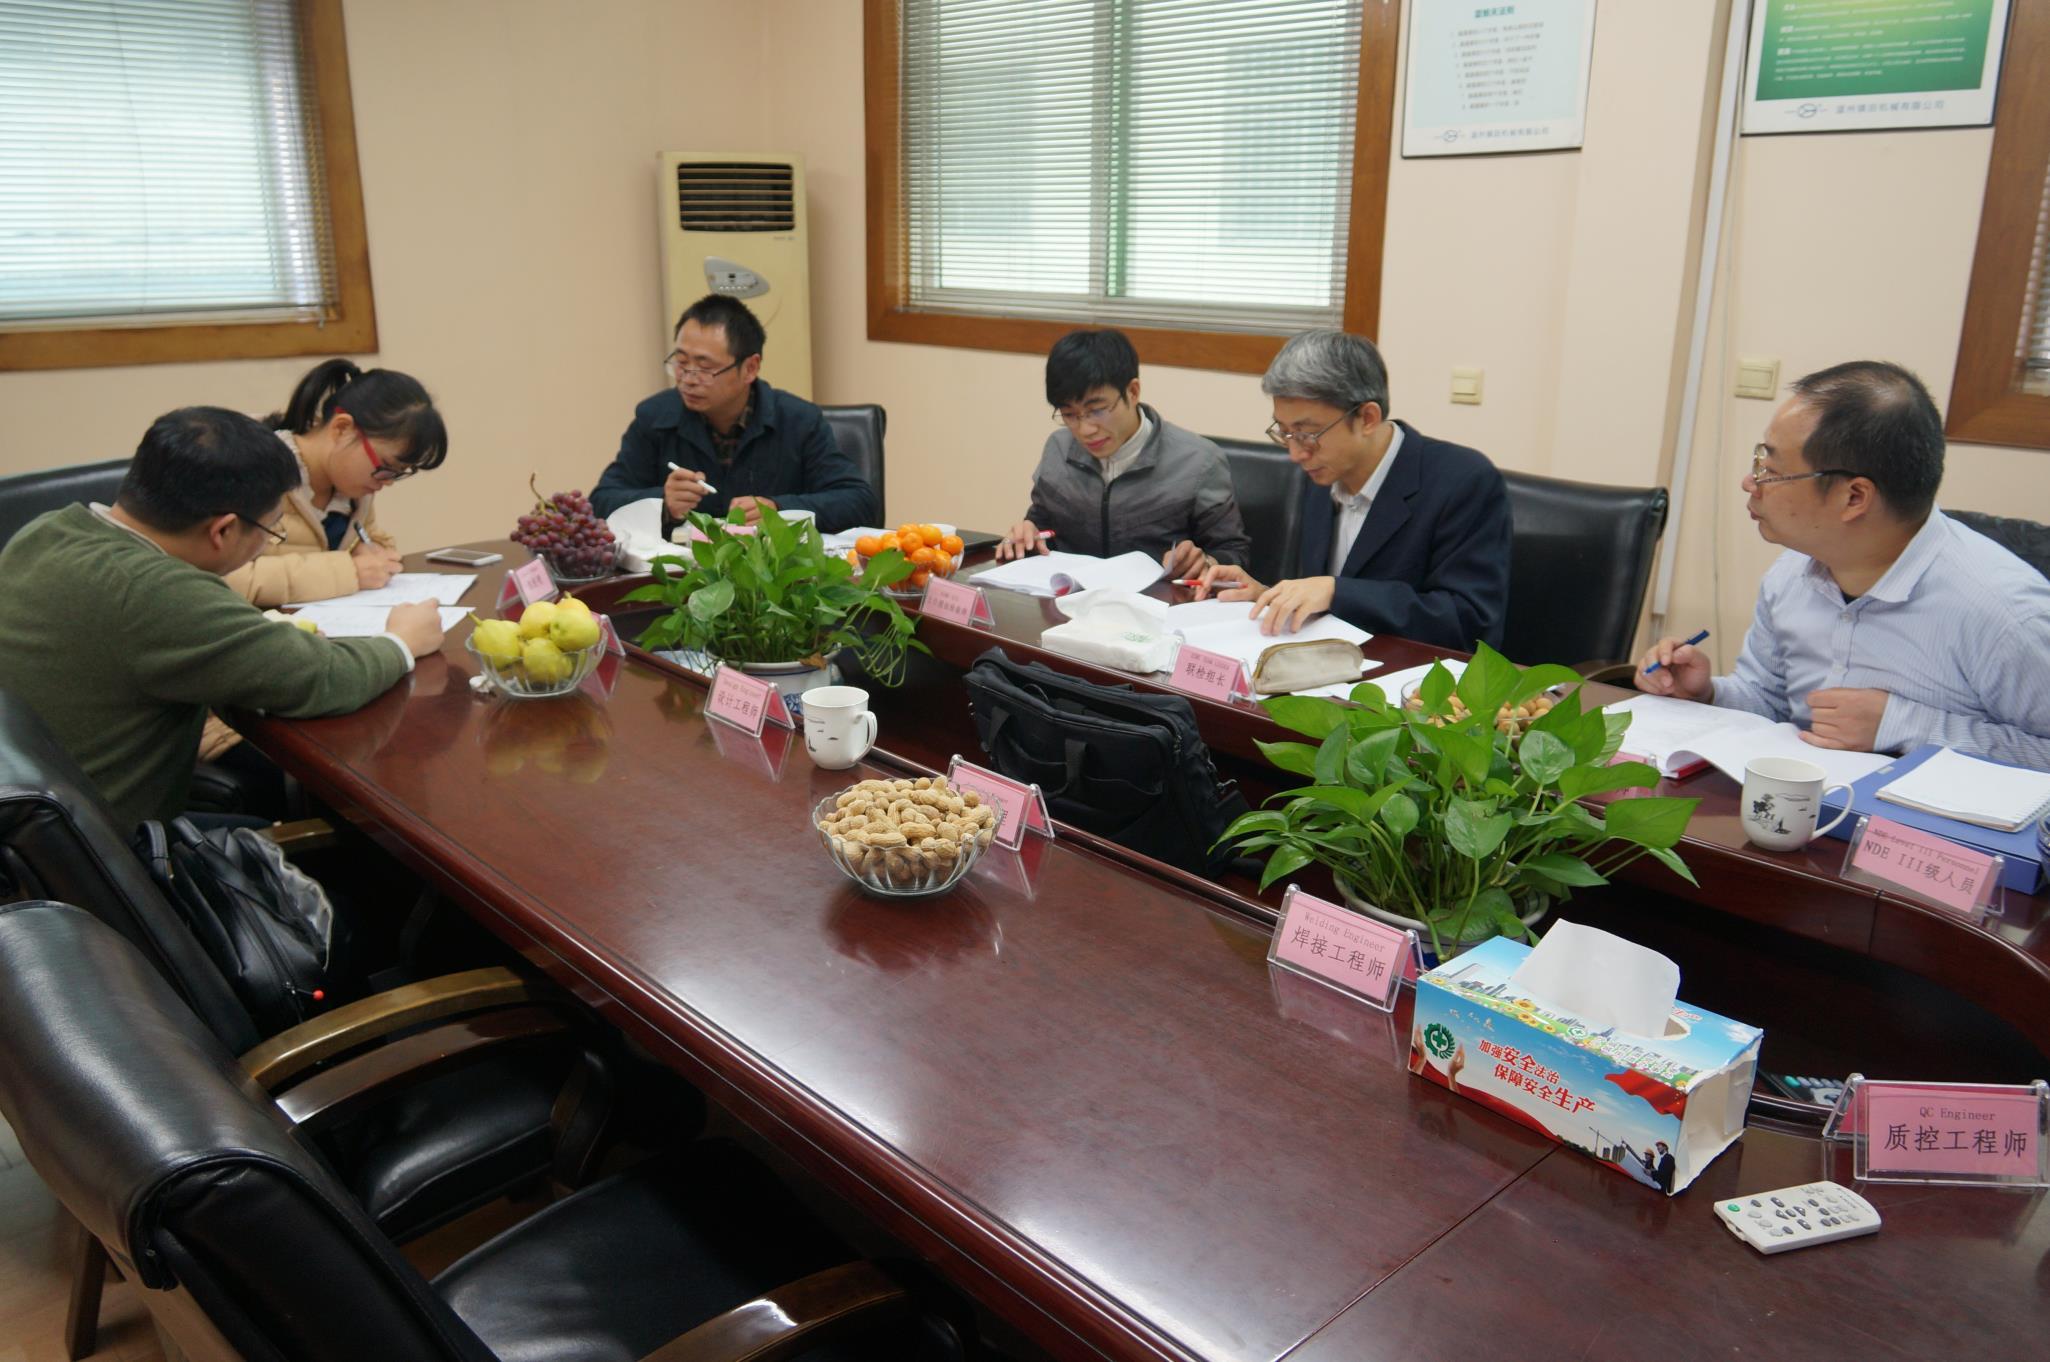 ASME meeting